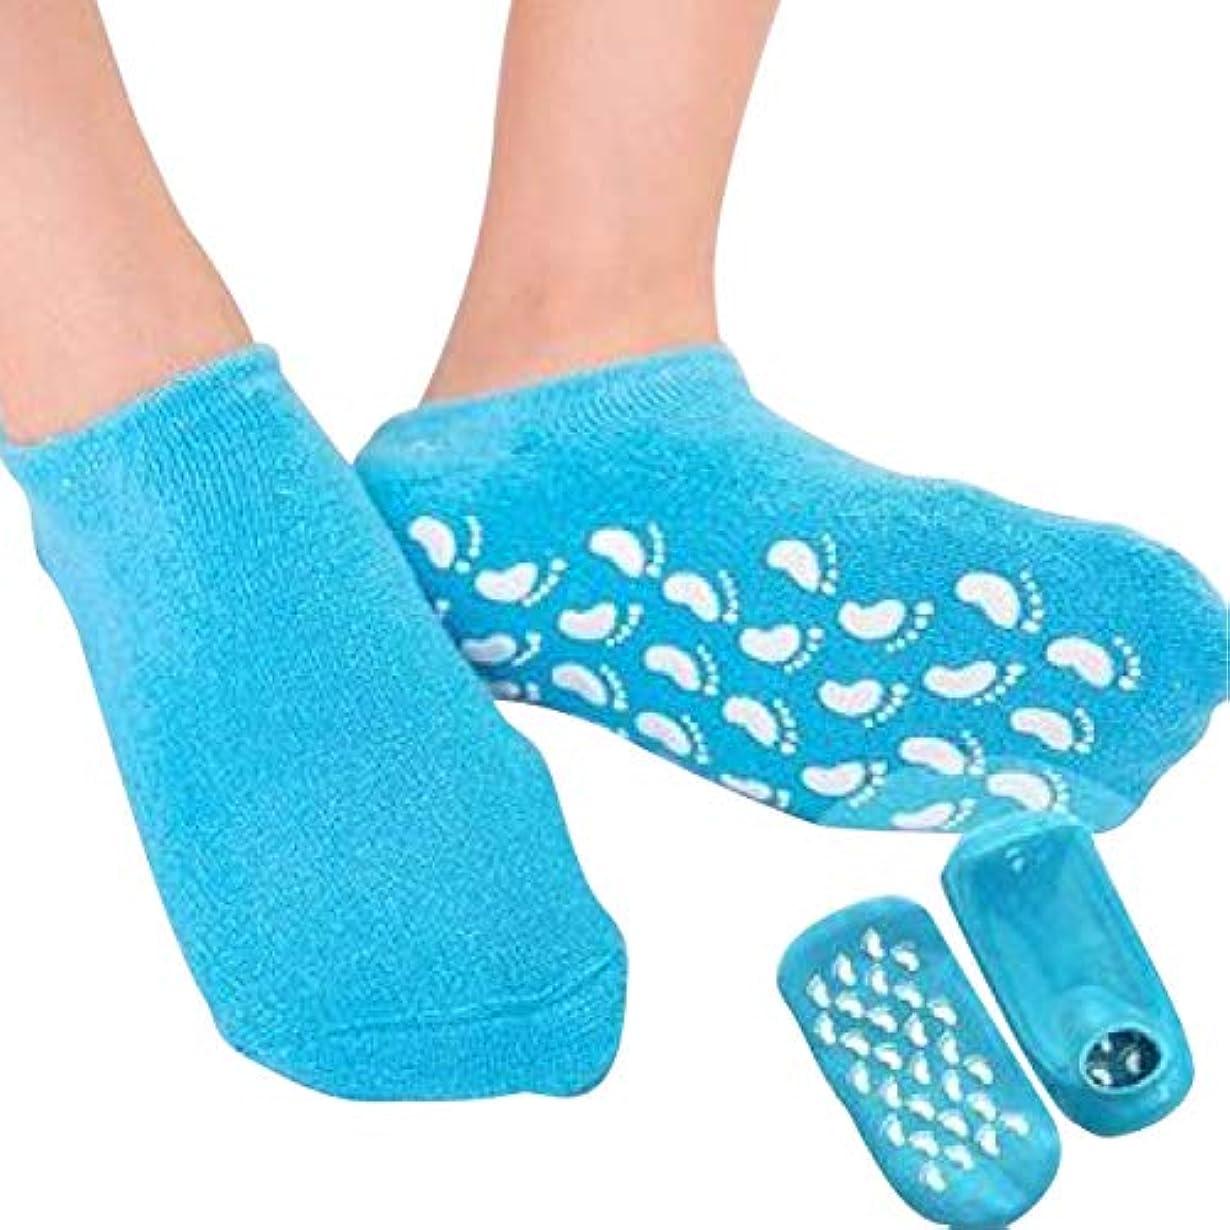 海洋のねばねば中傷S&E かかと 靴下 保湿 ソックス 美容成分 潤い ゲル付き 滑り止め 足裏 足の甲 ホホバオイル グレープシード ビタミンE ラベンダー ローズ (ブルー)